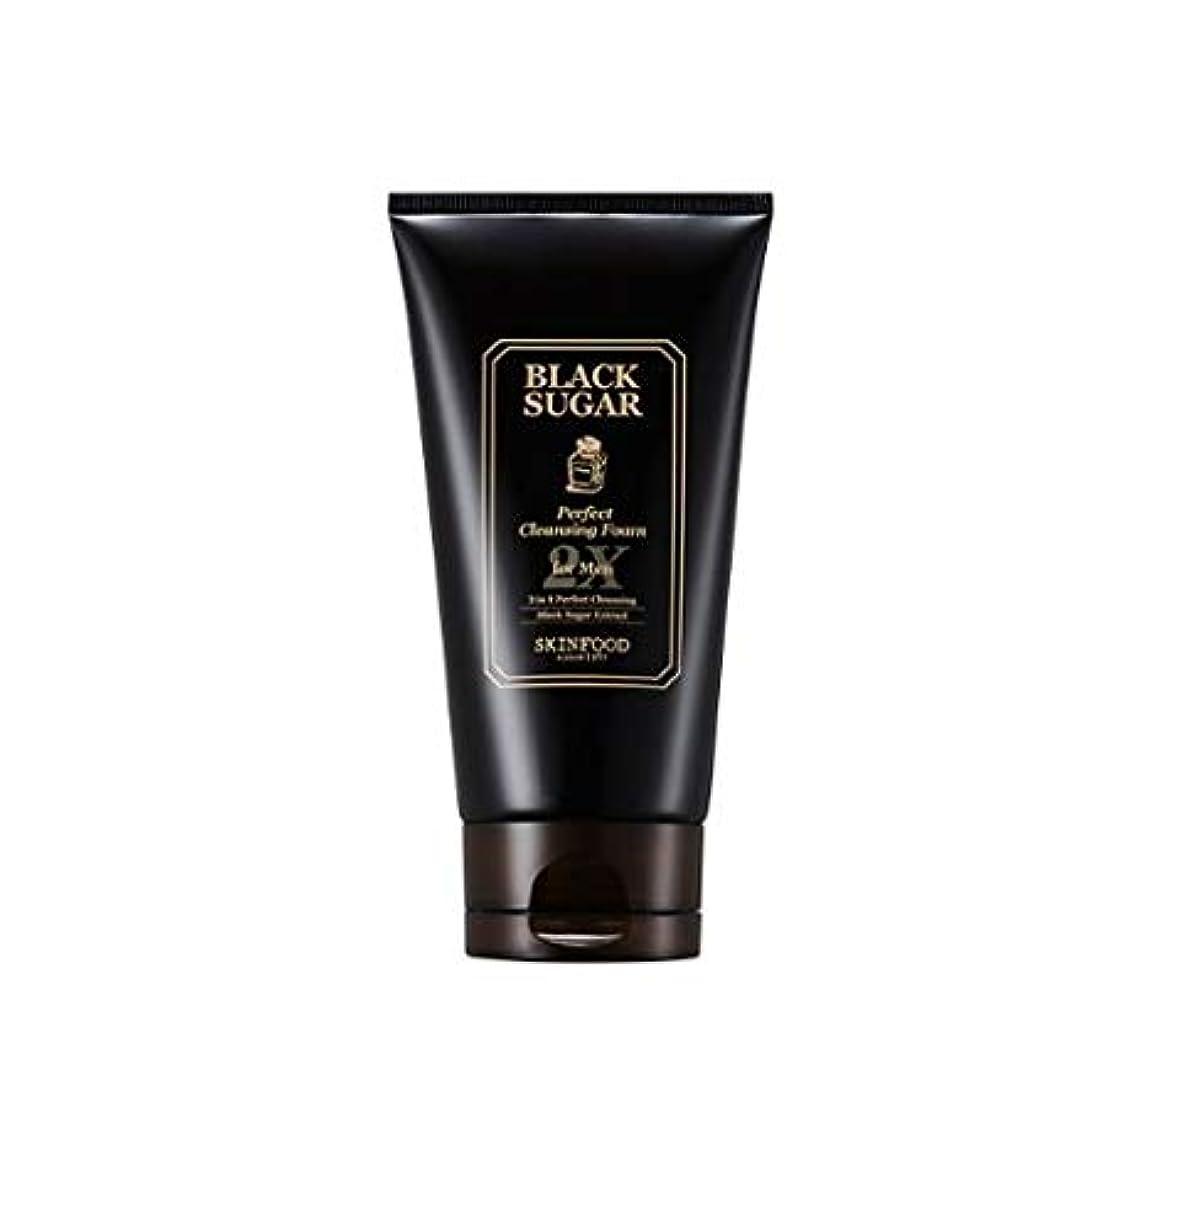 木会員毛細血管Skinfood 男性用ブラックシュガーパーフェクトクレンジングフォーム2X / Black Sugar Perfect Cleansing Foam 2X for Men 150ml [並行輸入品]